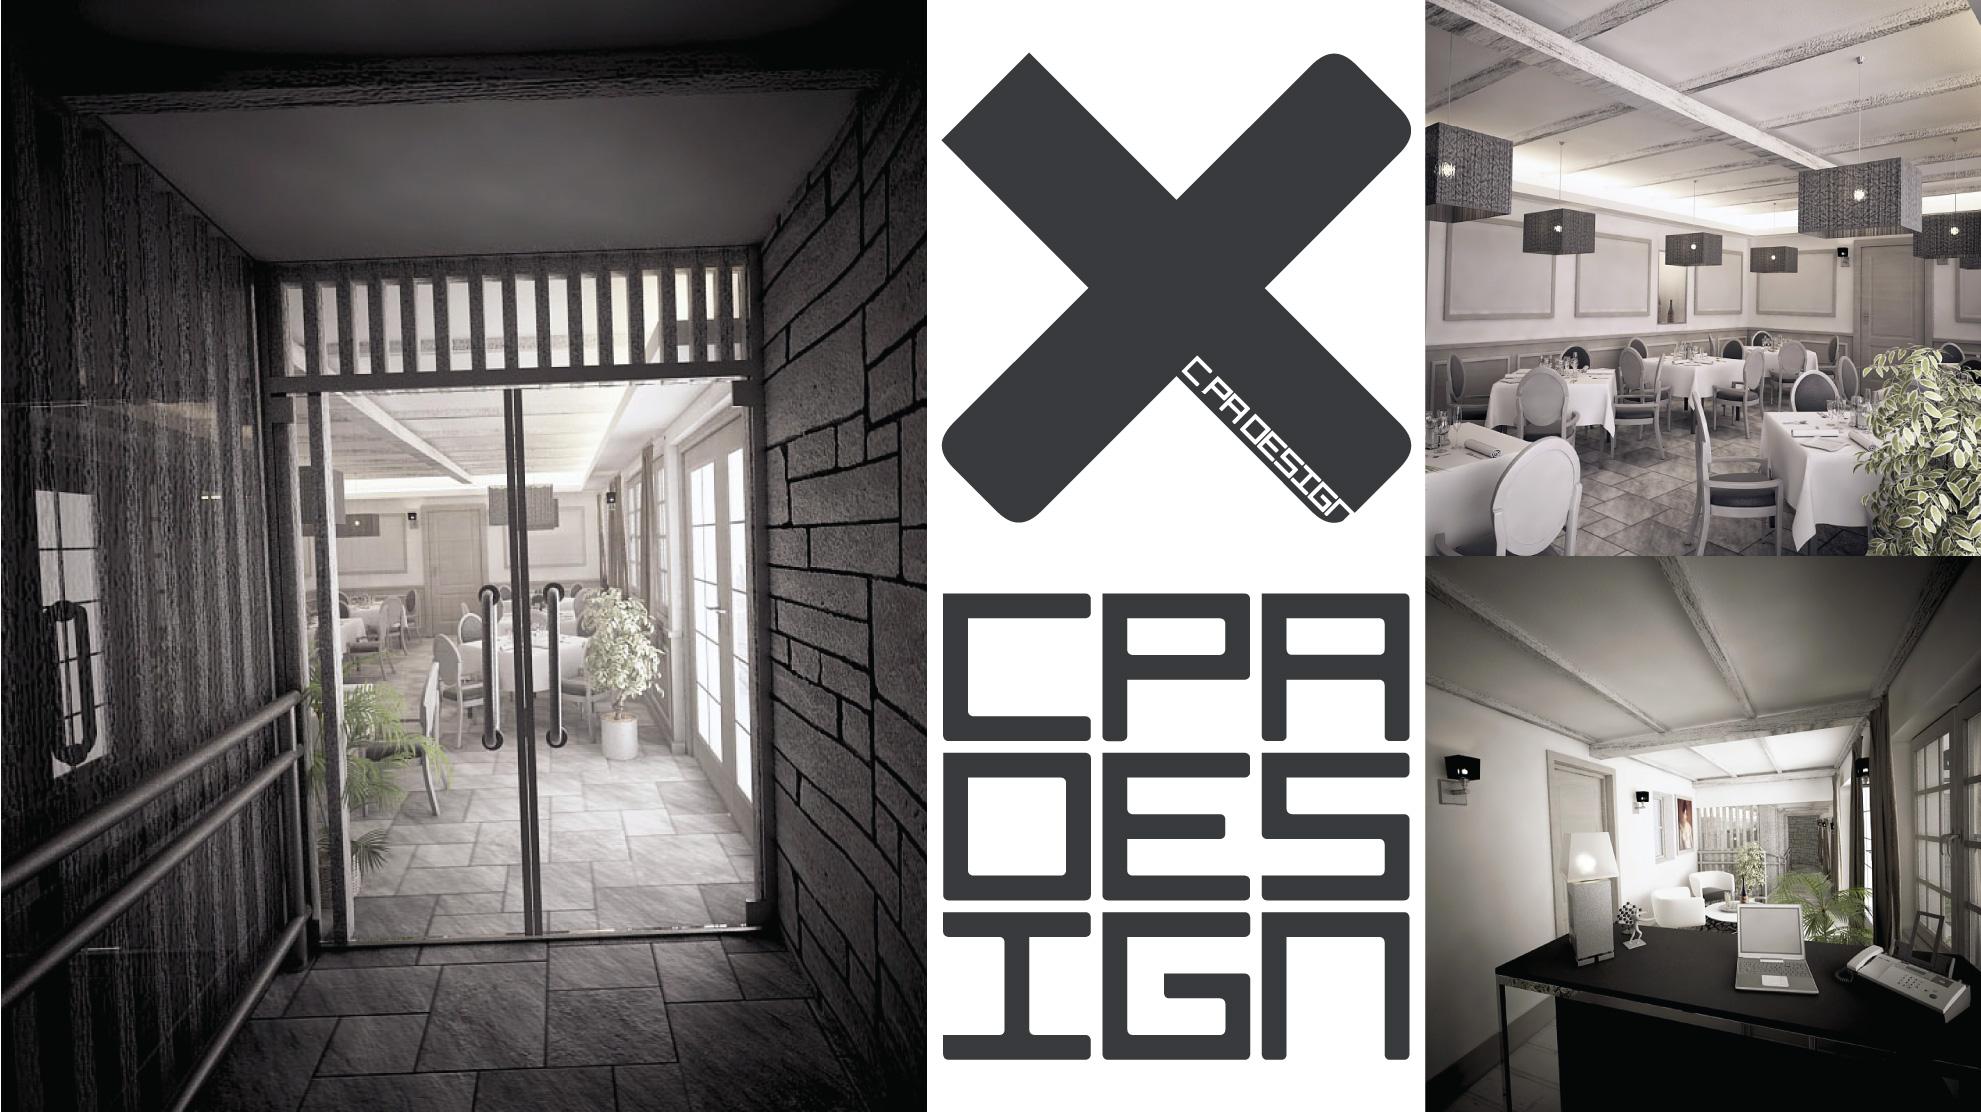 c_pa_design_produit_design_image_illustration-3d_realisation_conception_prototype_7